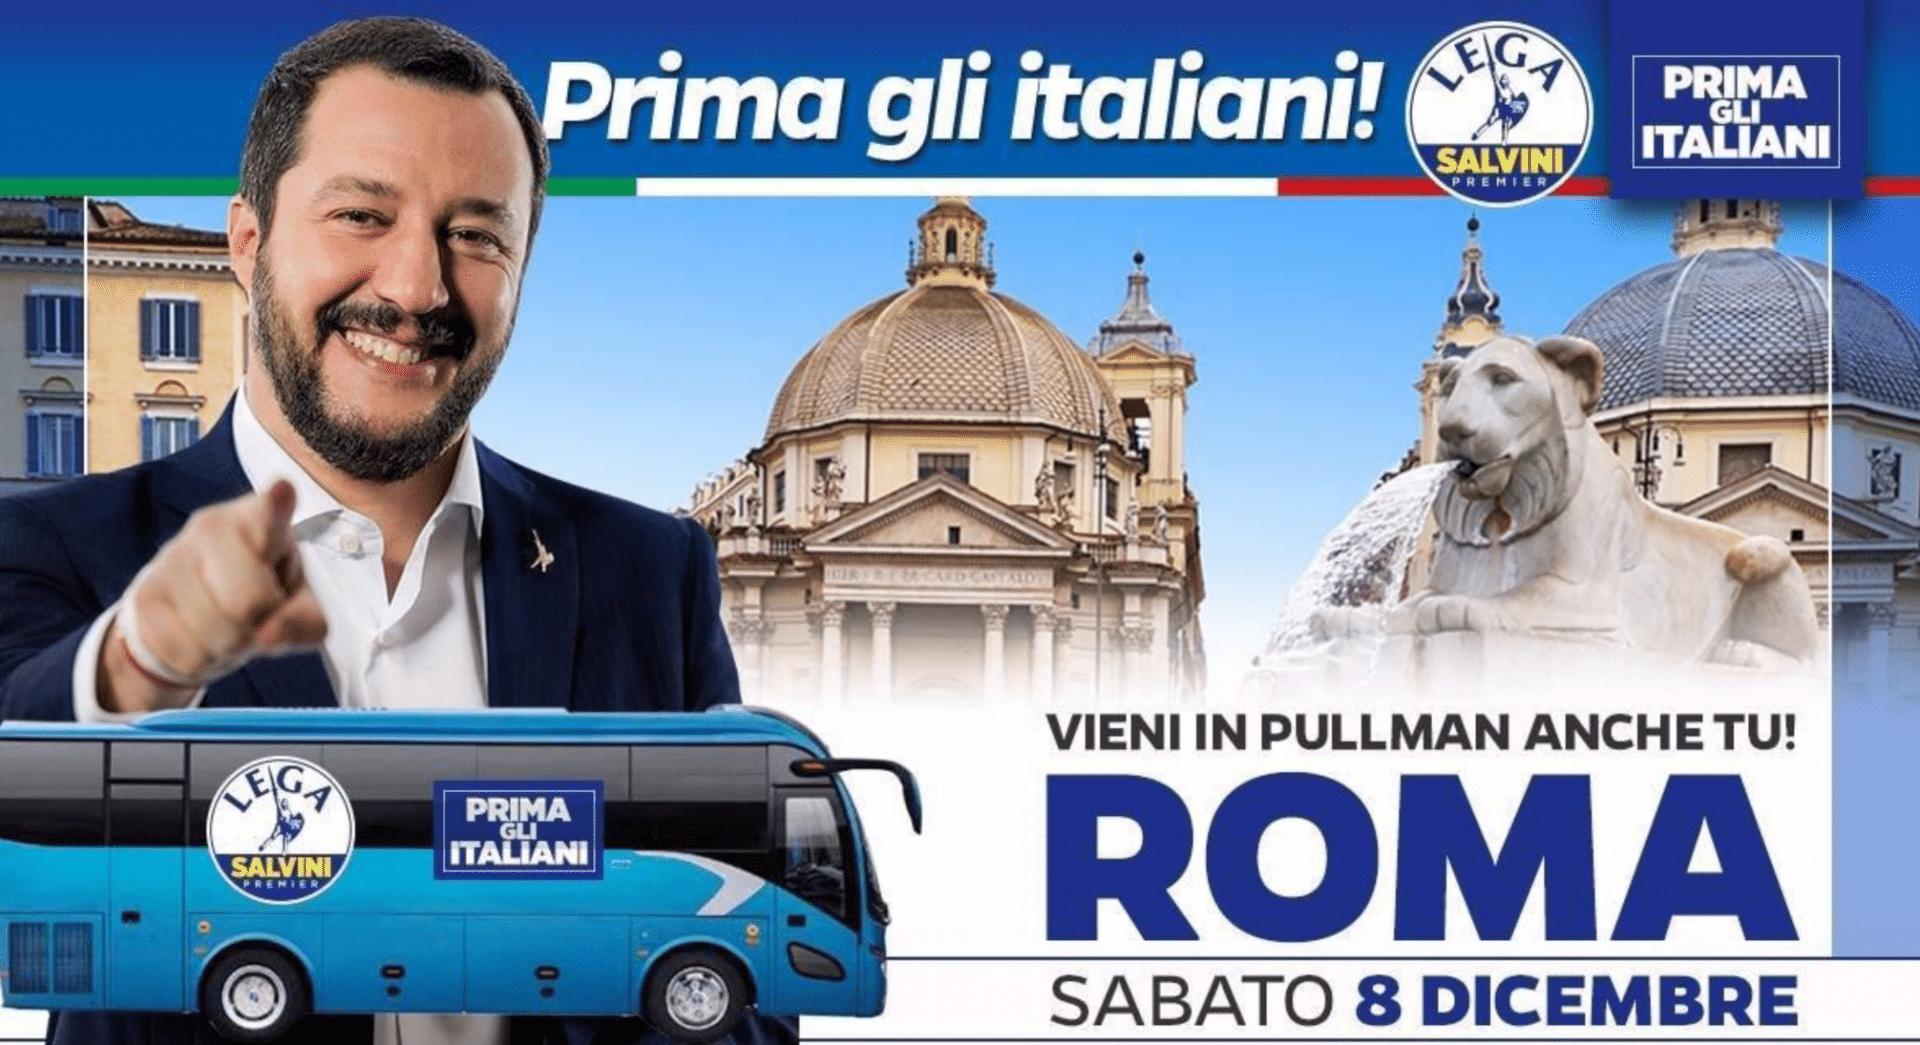 #romanunfalastupida: la campagna contro la manifestazione di Salvini